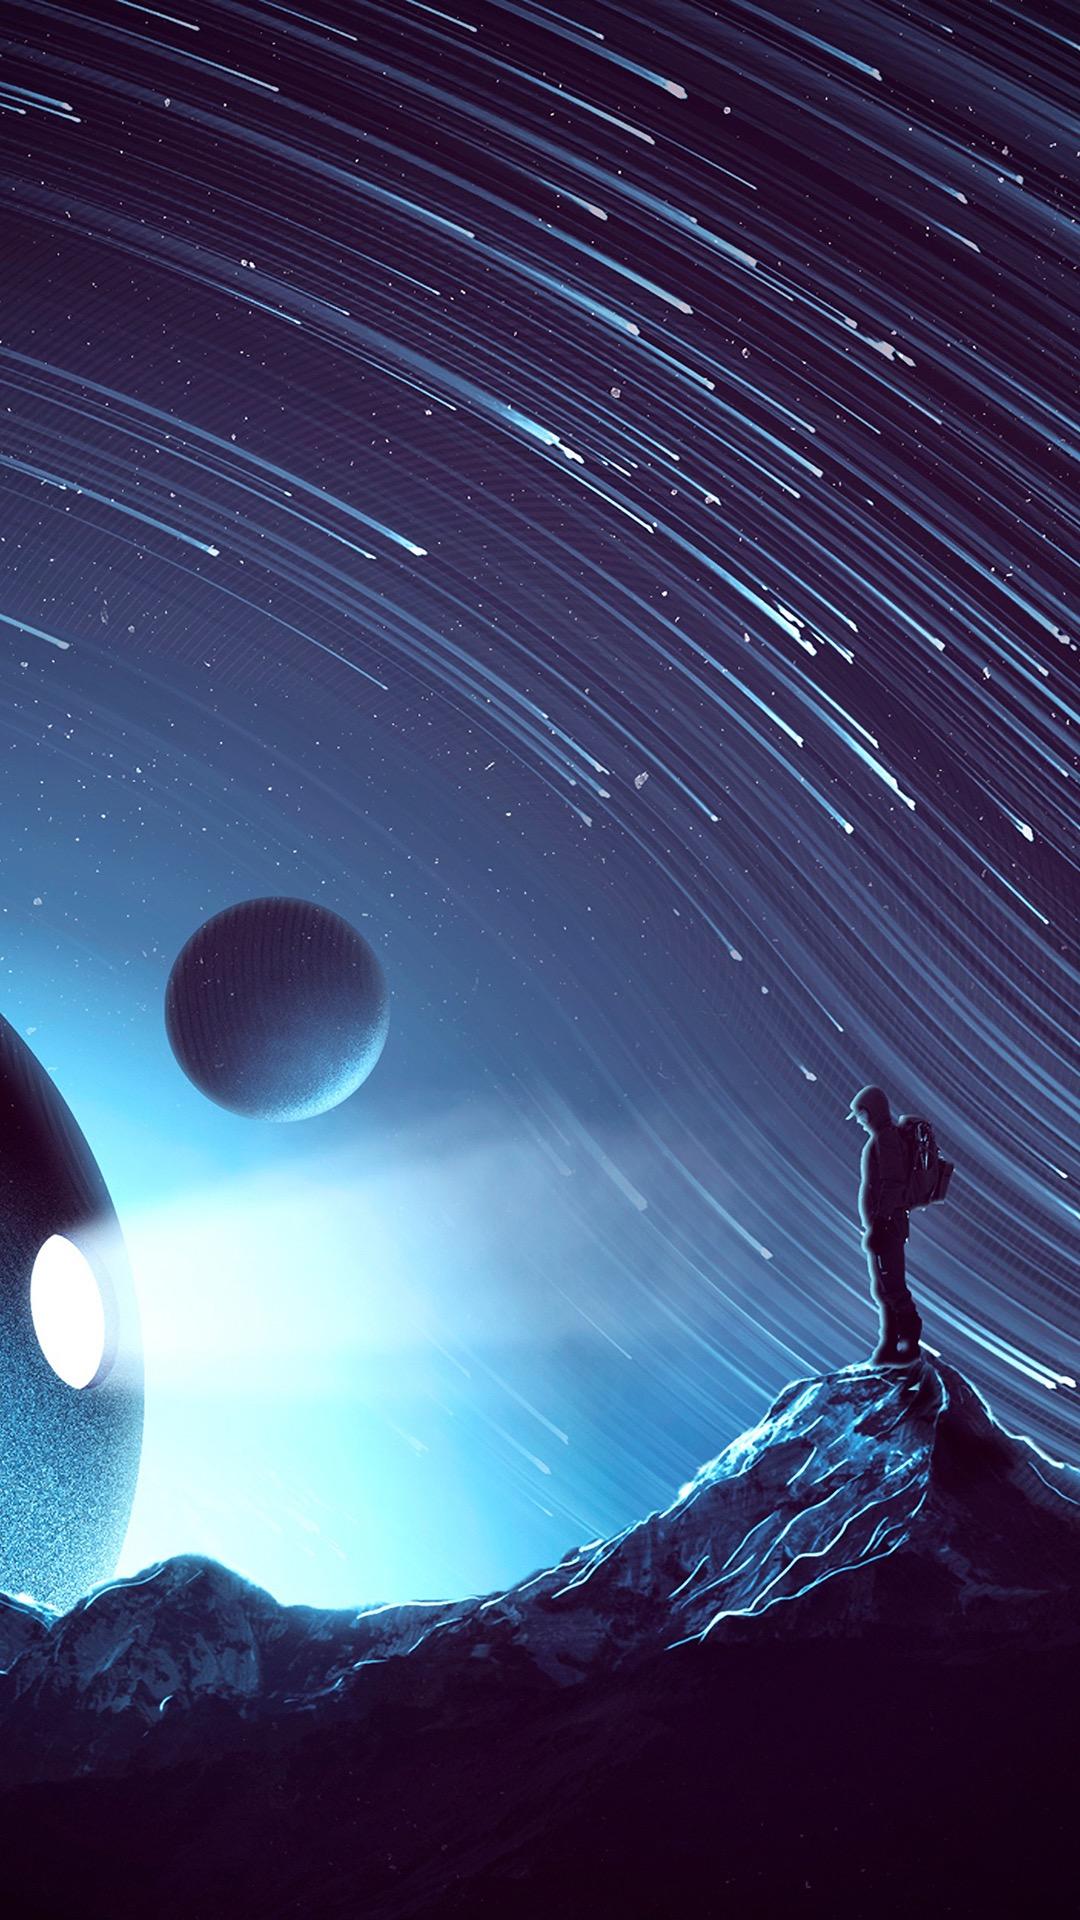 宇宙 星空 流星 蓝色 星球 太空 苹果手机高清壁纸 x